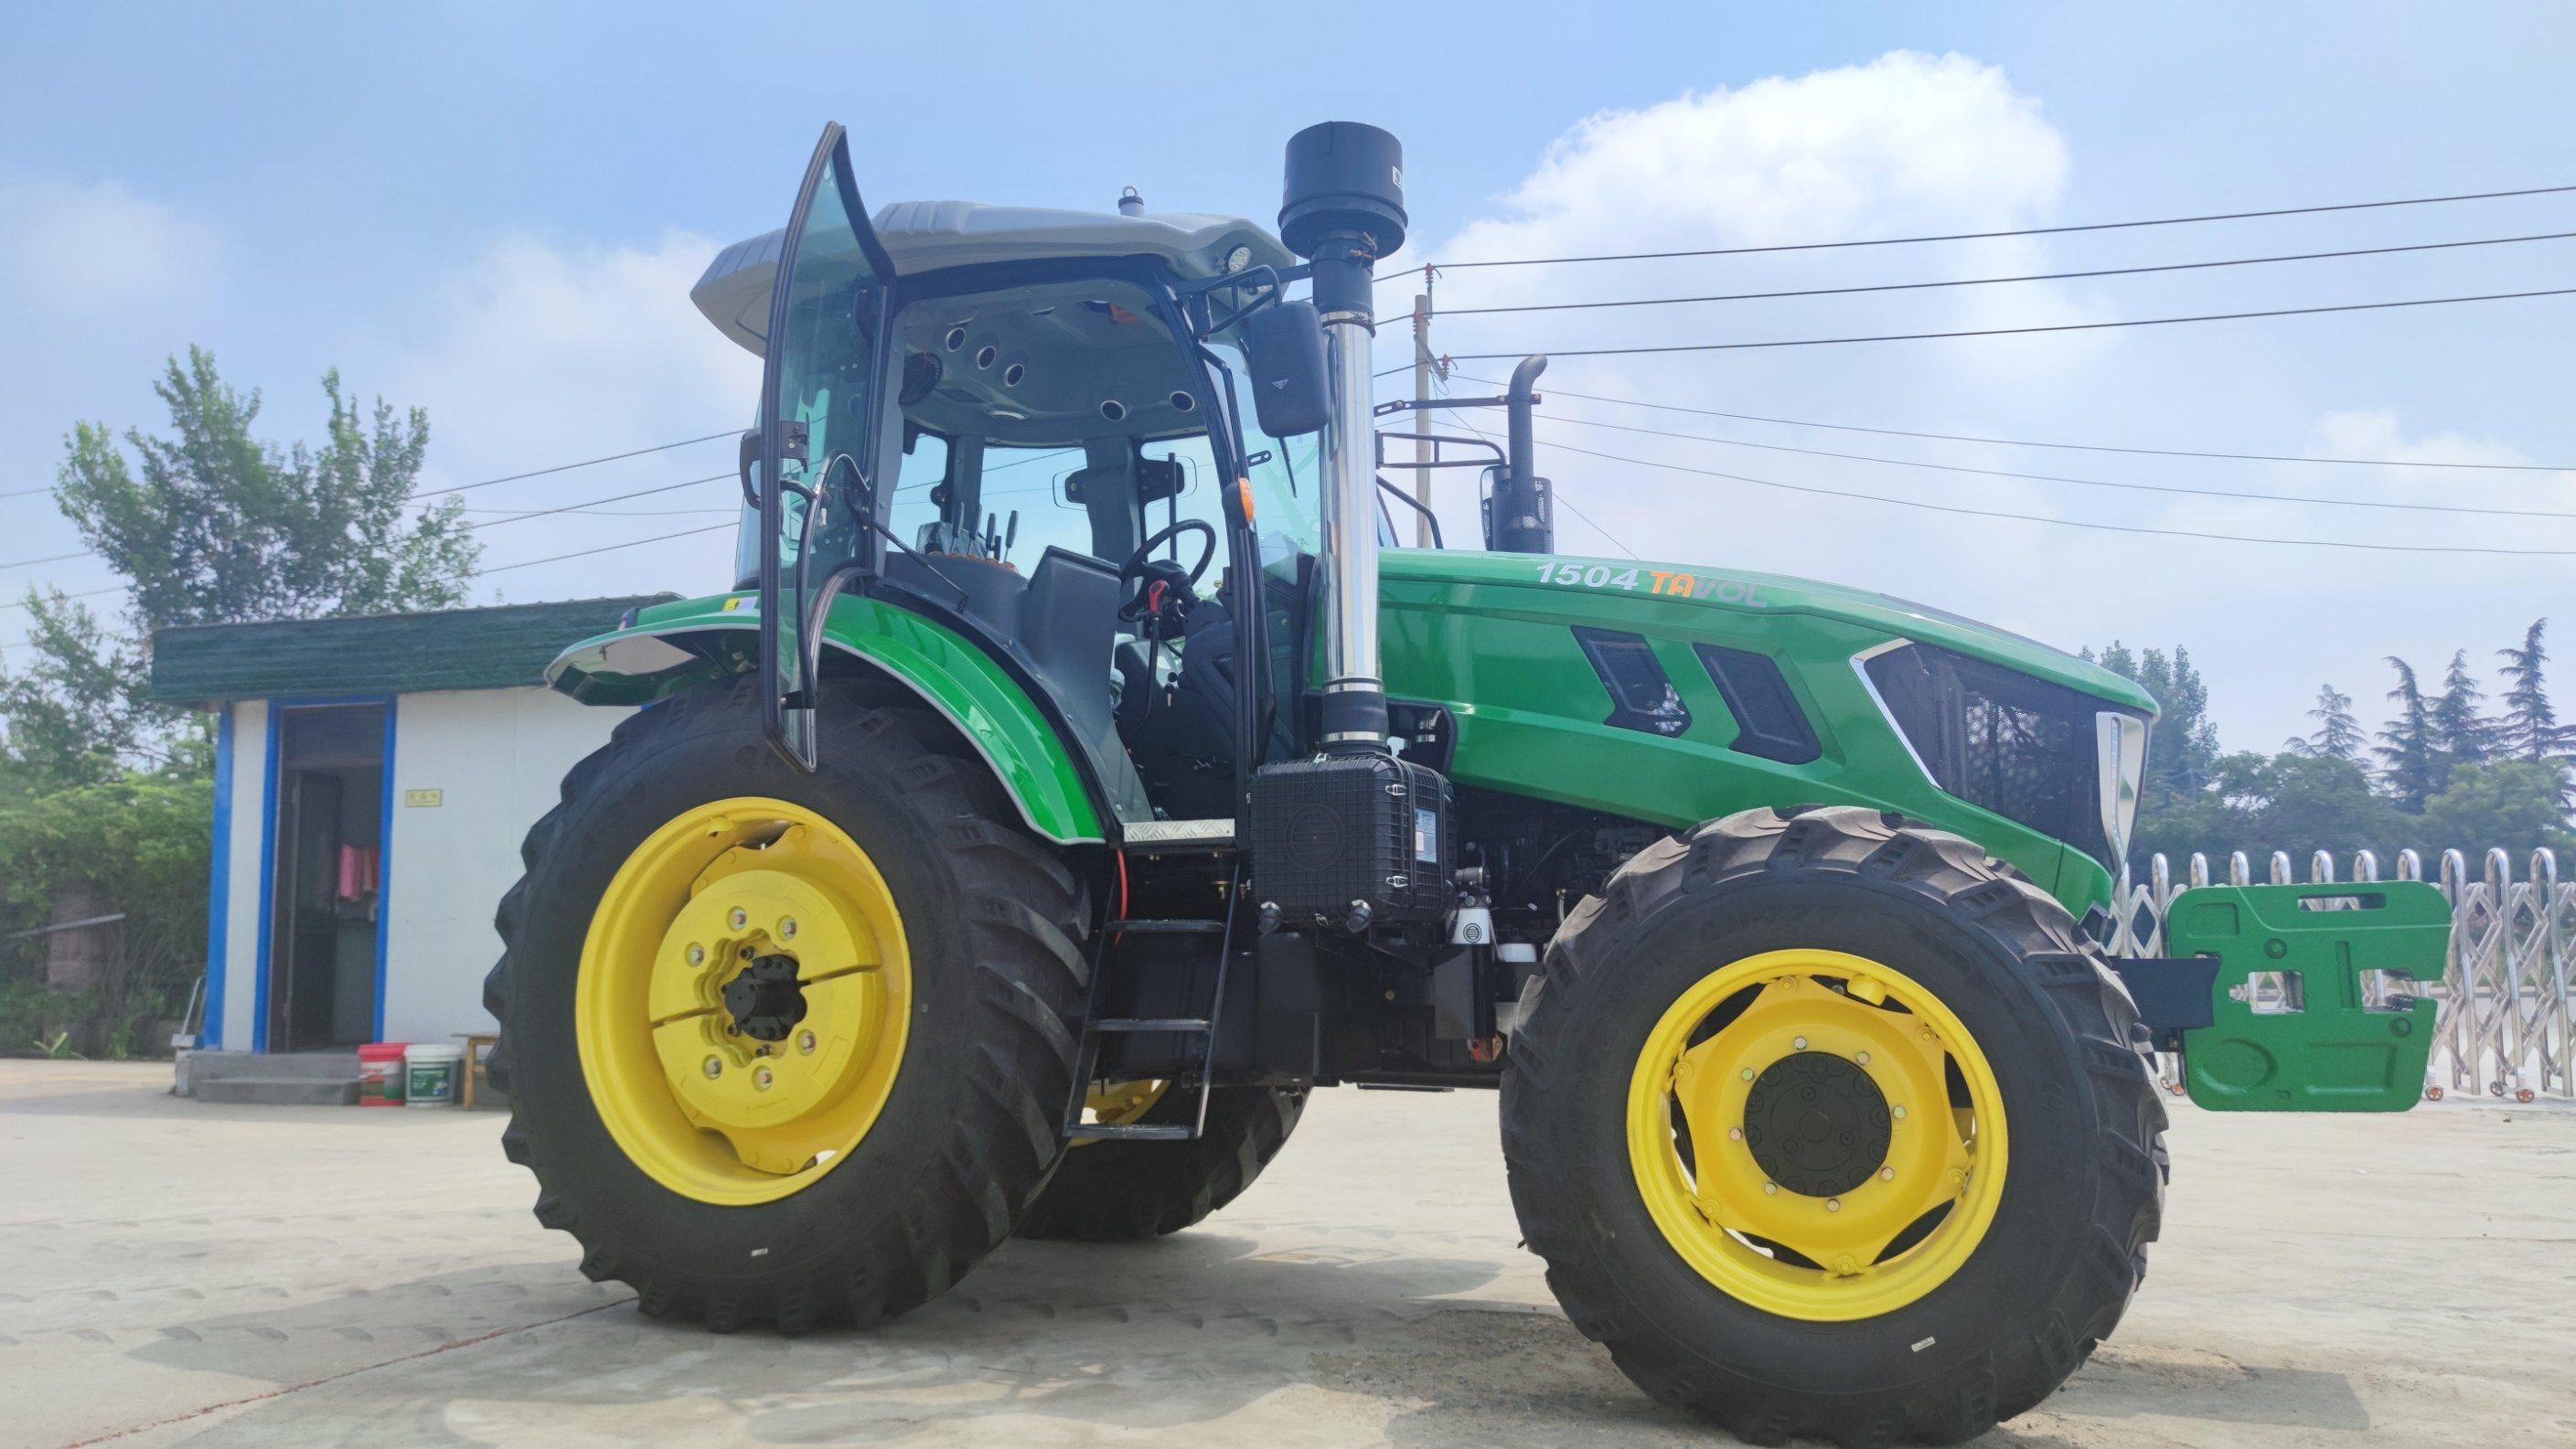 ヘビーデューティ大型農業用トラクタ 150hp ホイールトラクタ